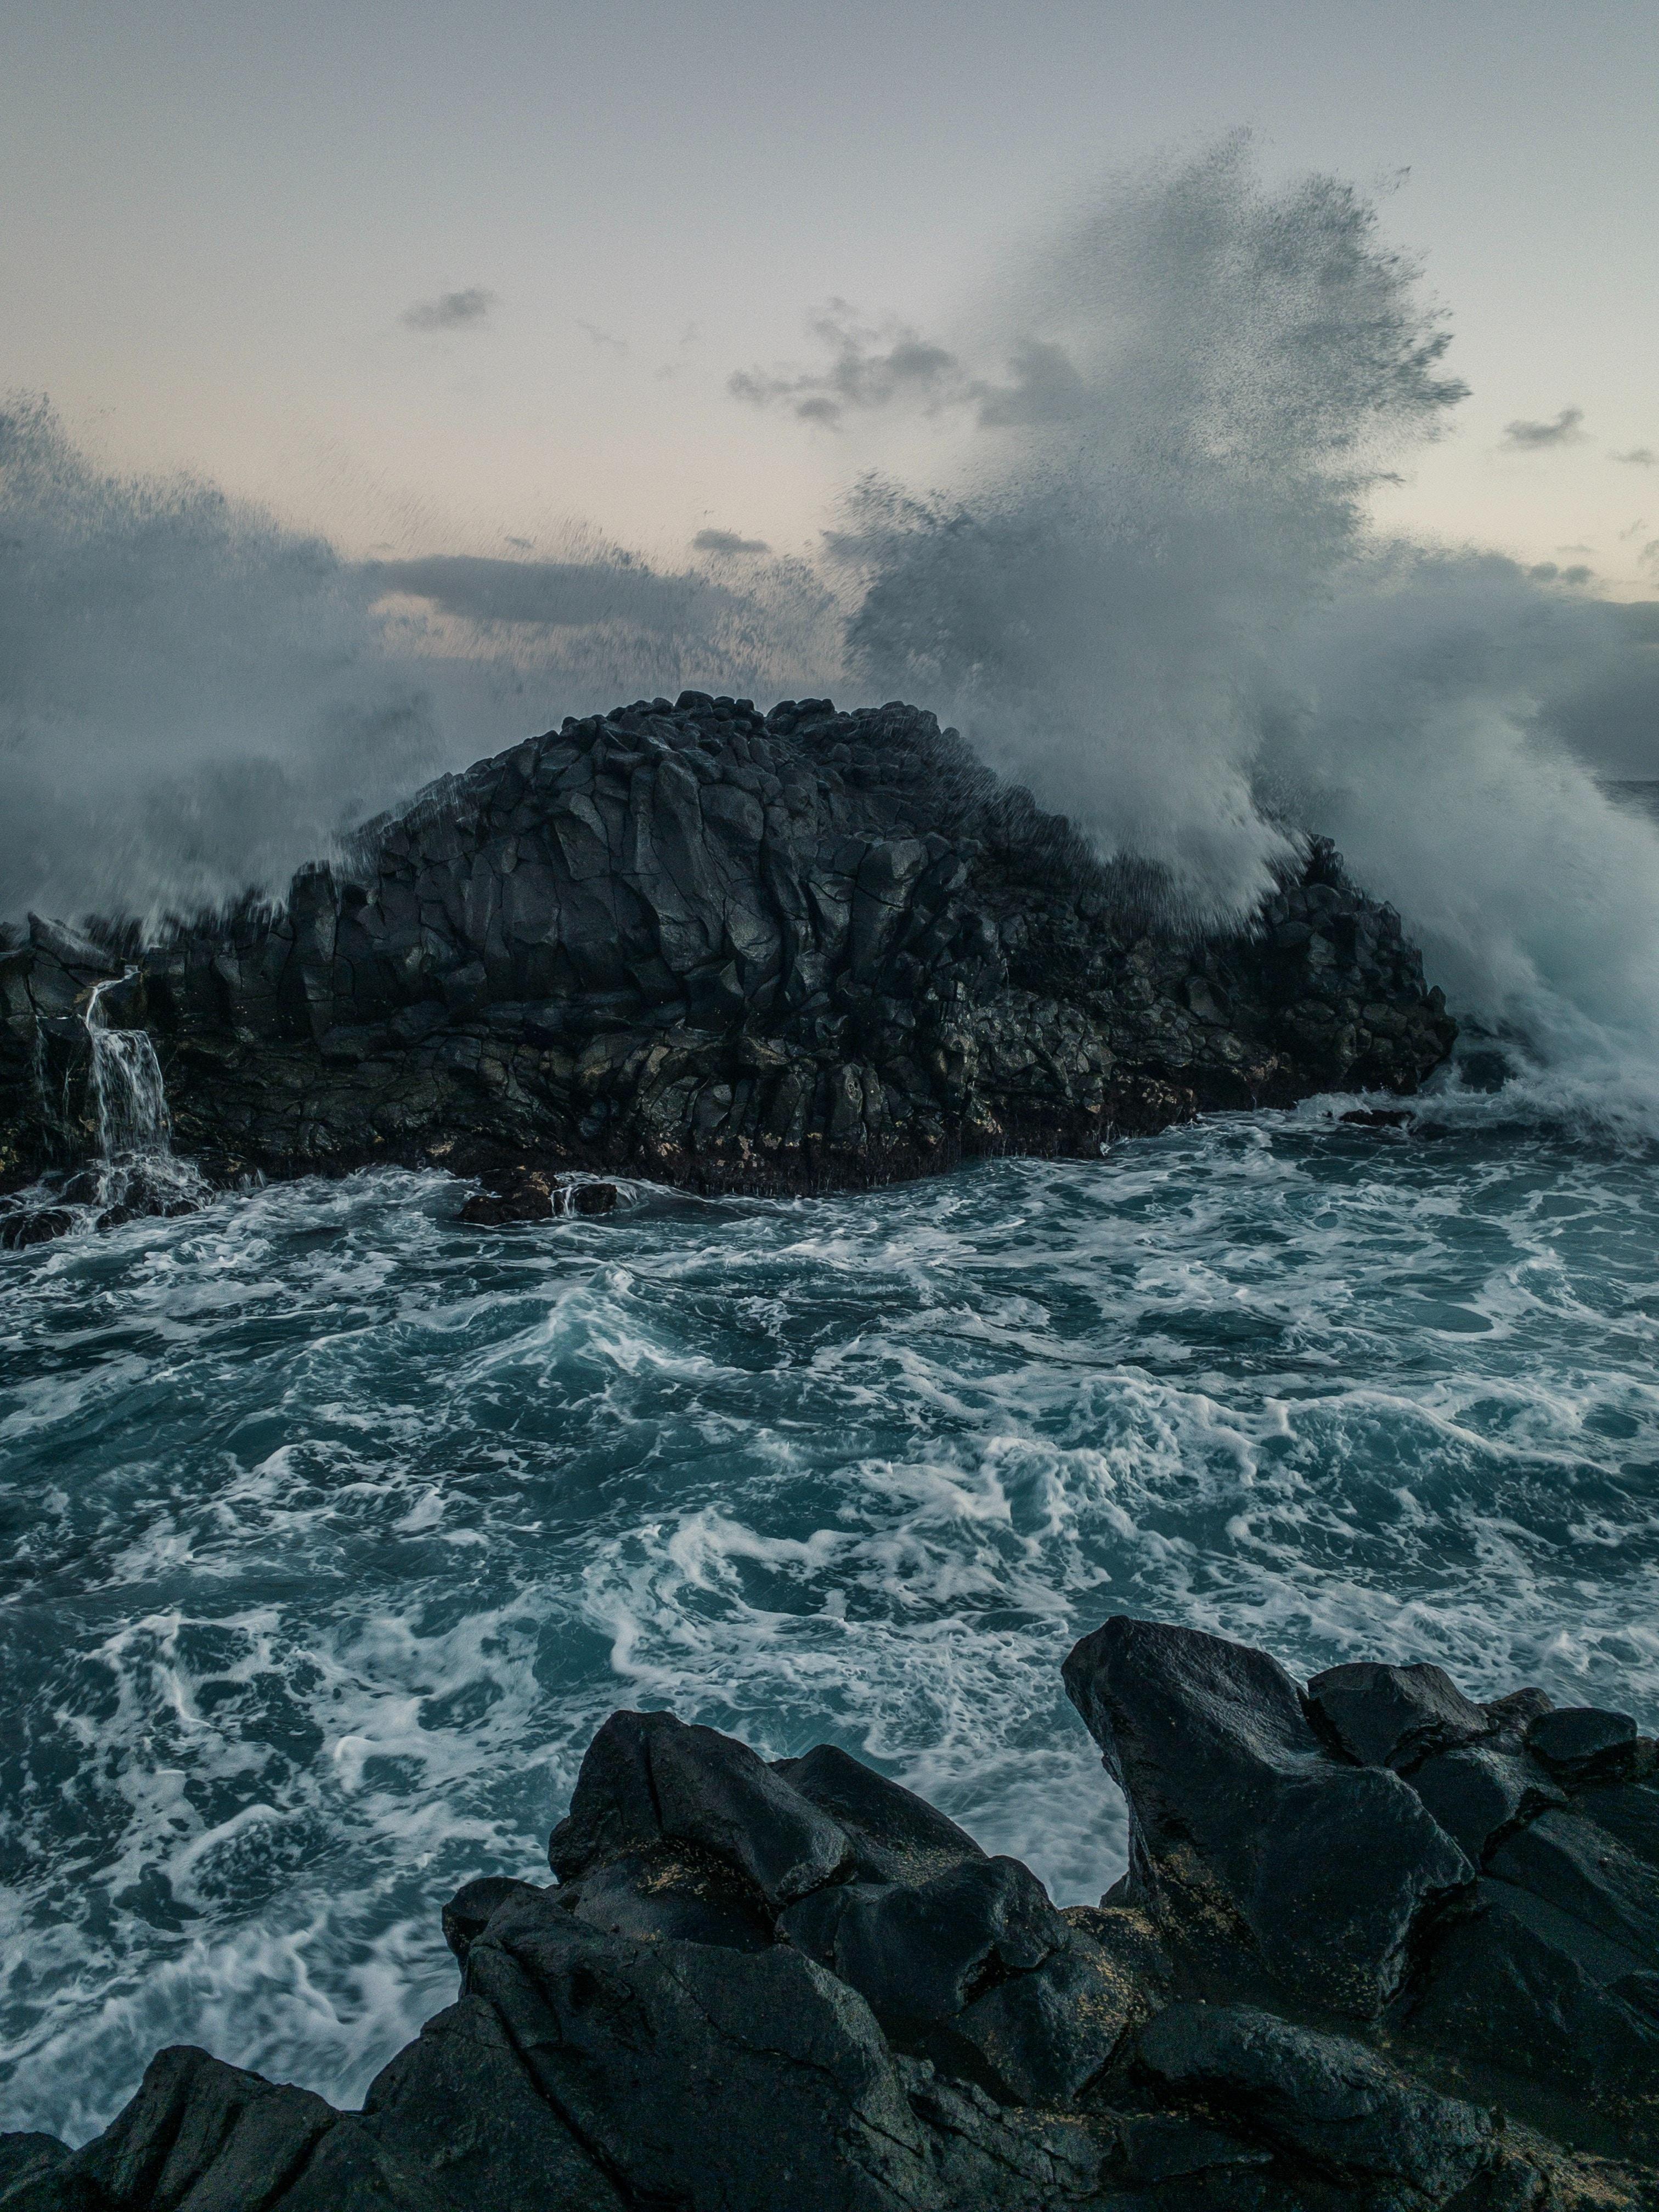 105987 скачать обои Вода, Природа, Море, Волны, Скалы, Брызги, Шторм - заставки и картинки бесплатно